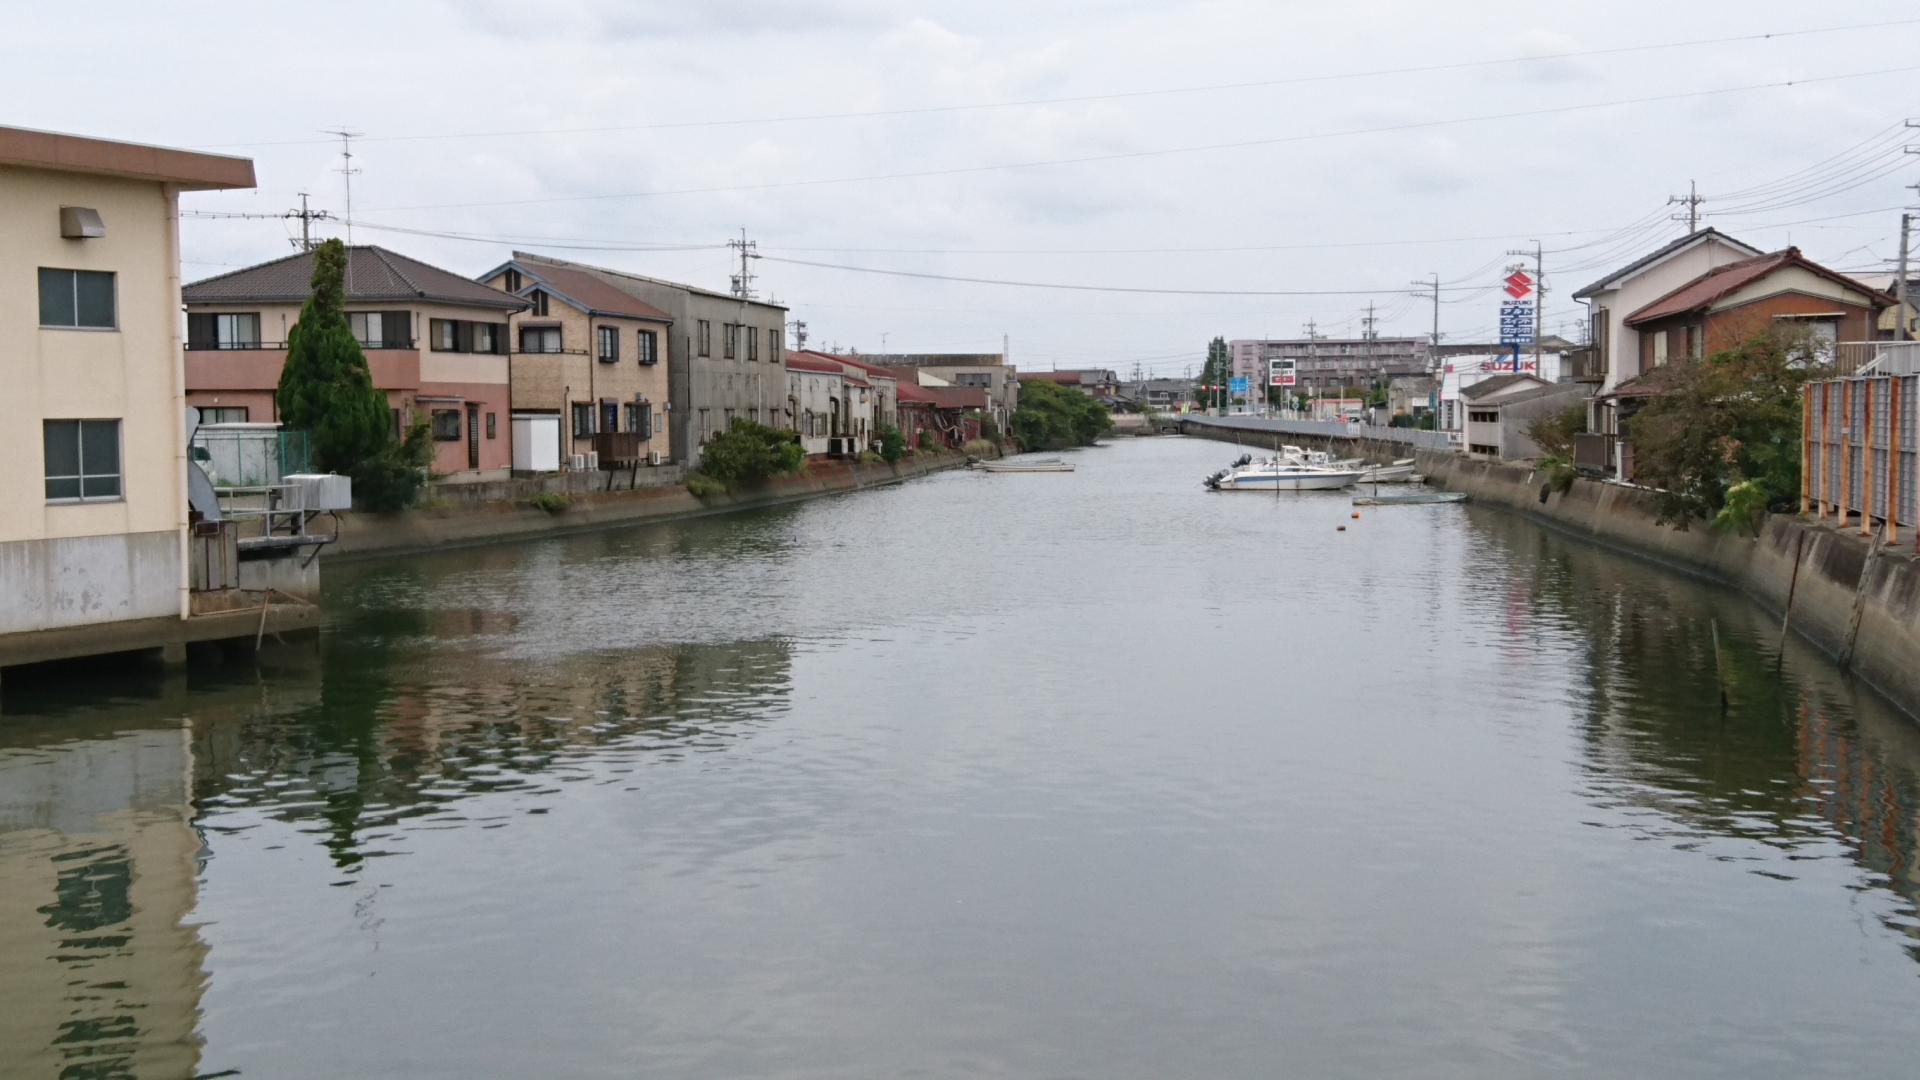 2017.9.27 平坂 (57) 運河 1920-1080